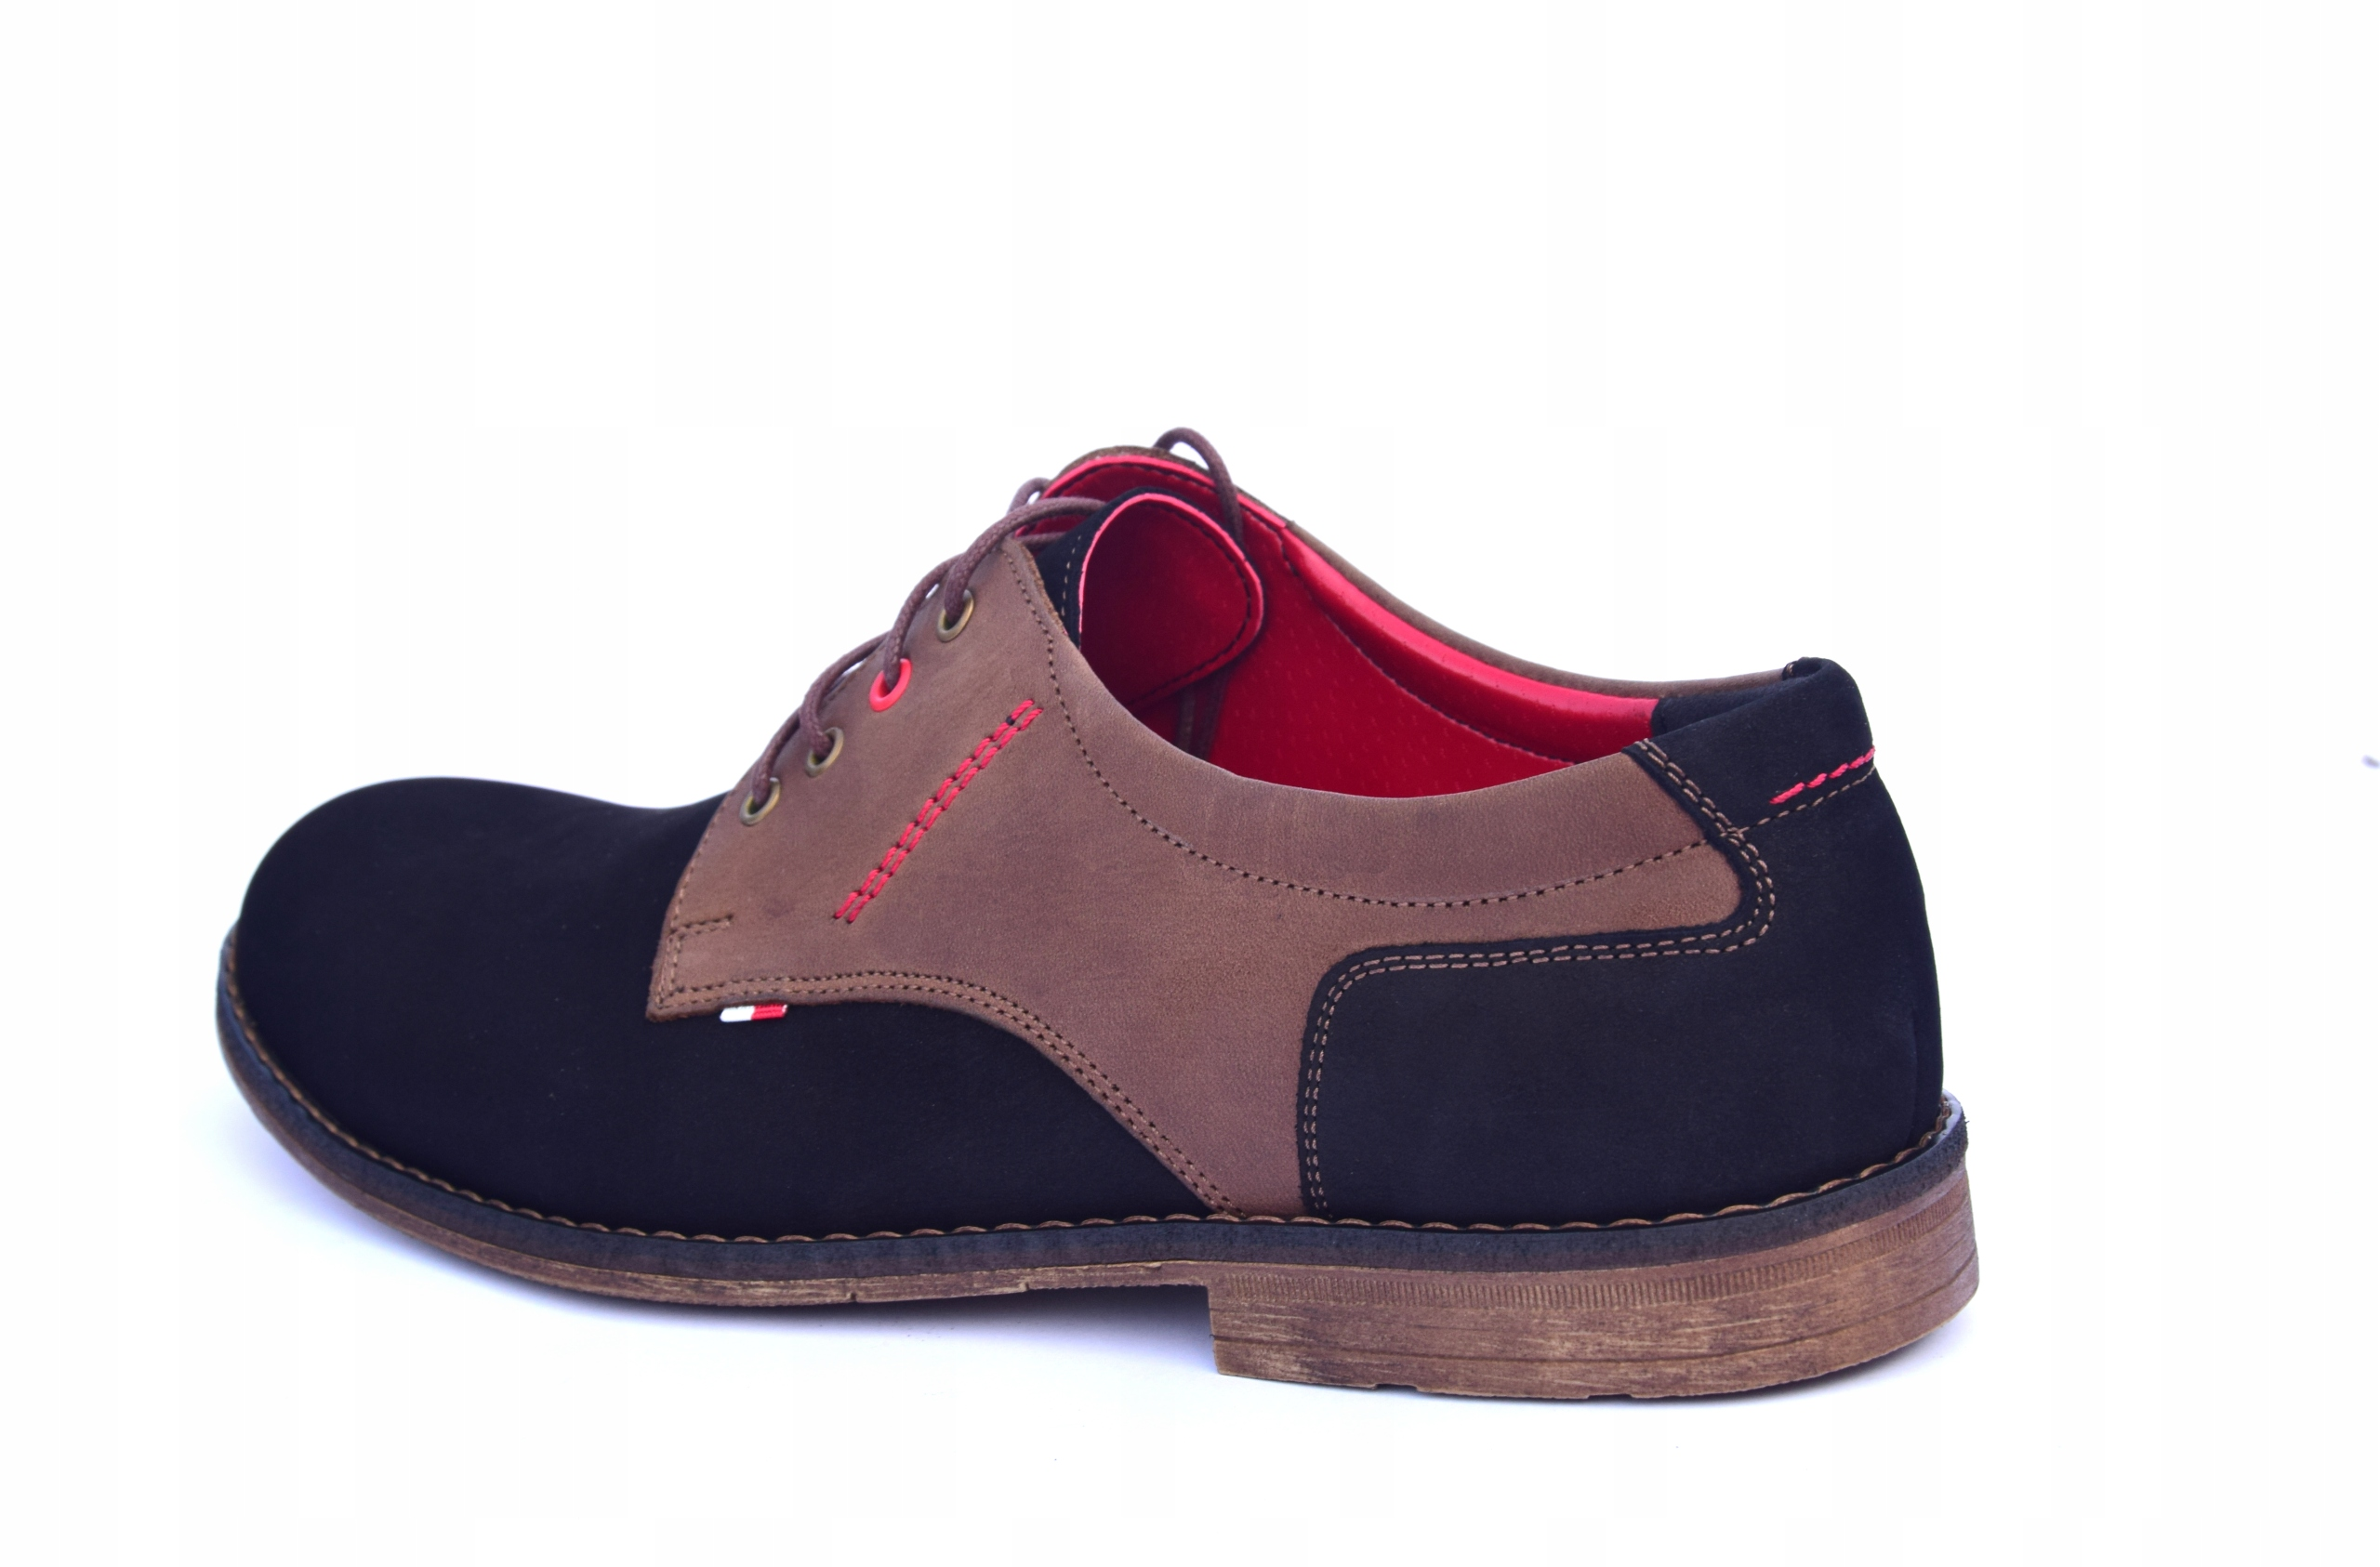 Buty skórzane męskie obuwie polskiej produkcji 258 Długość wkładki 27.9 cm